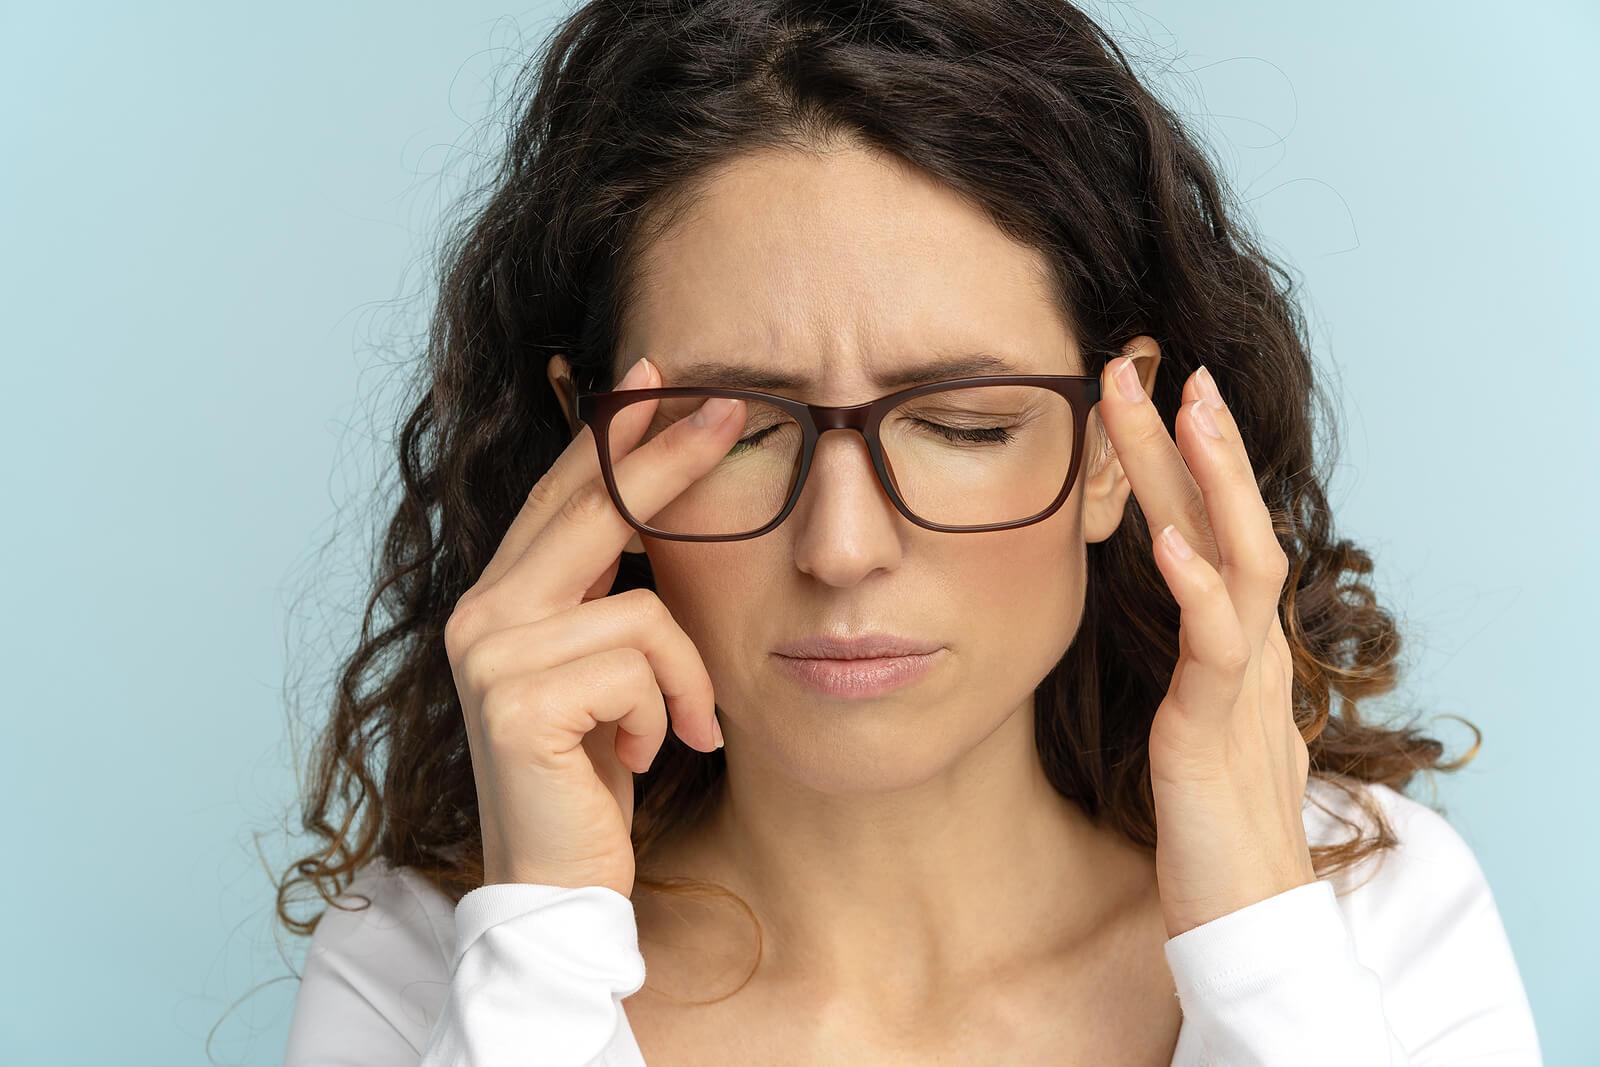 Las enfermedades oculares comunes incluyen la miopía